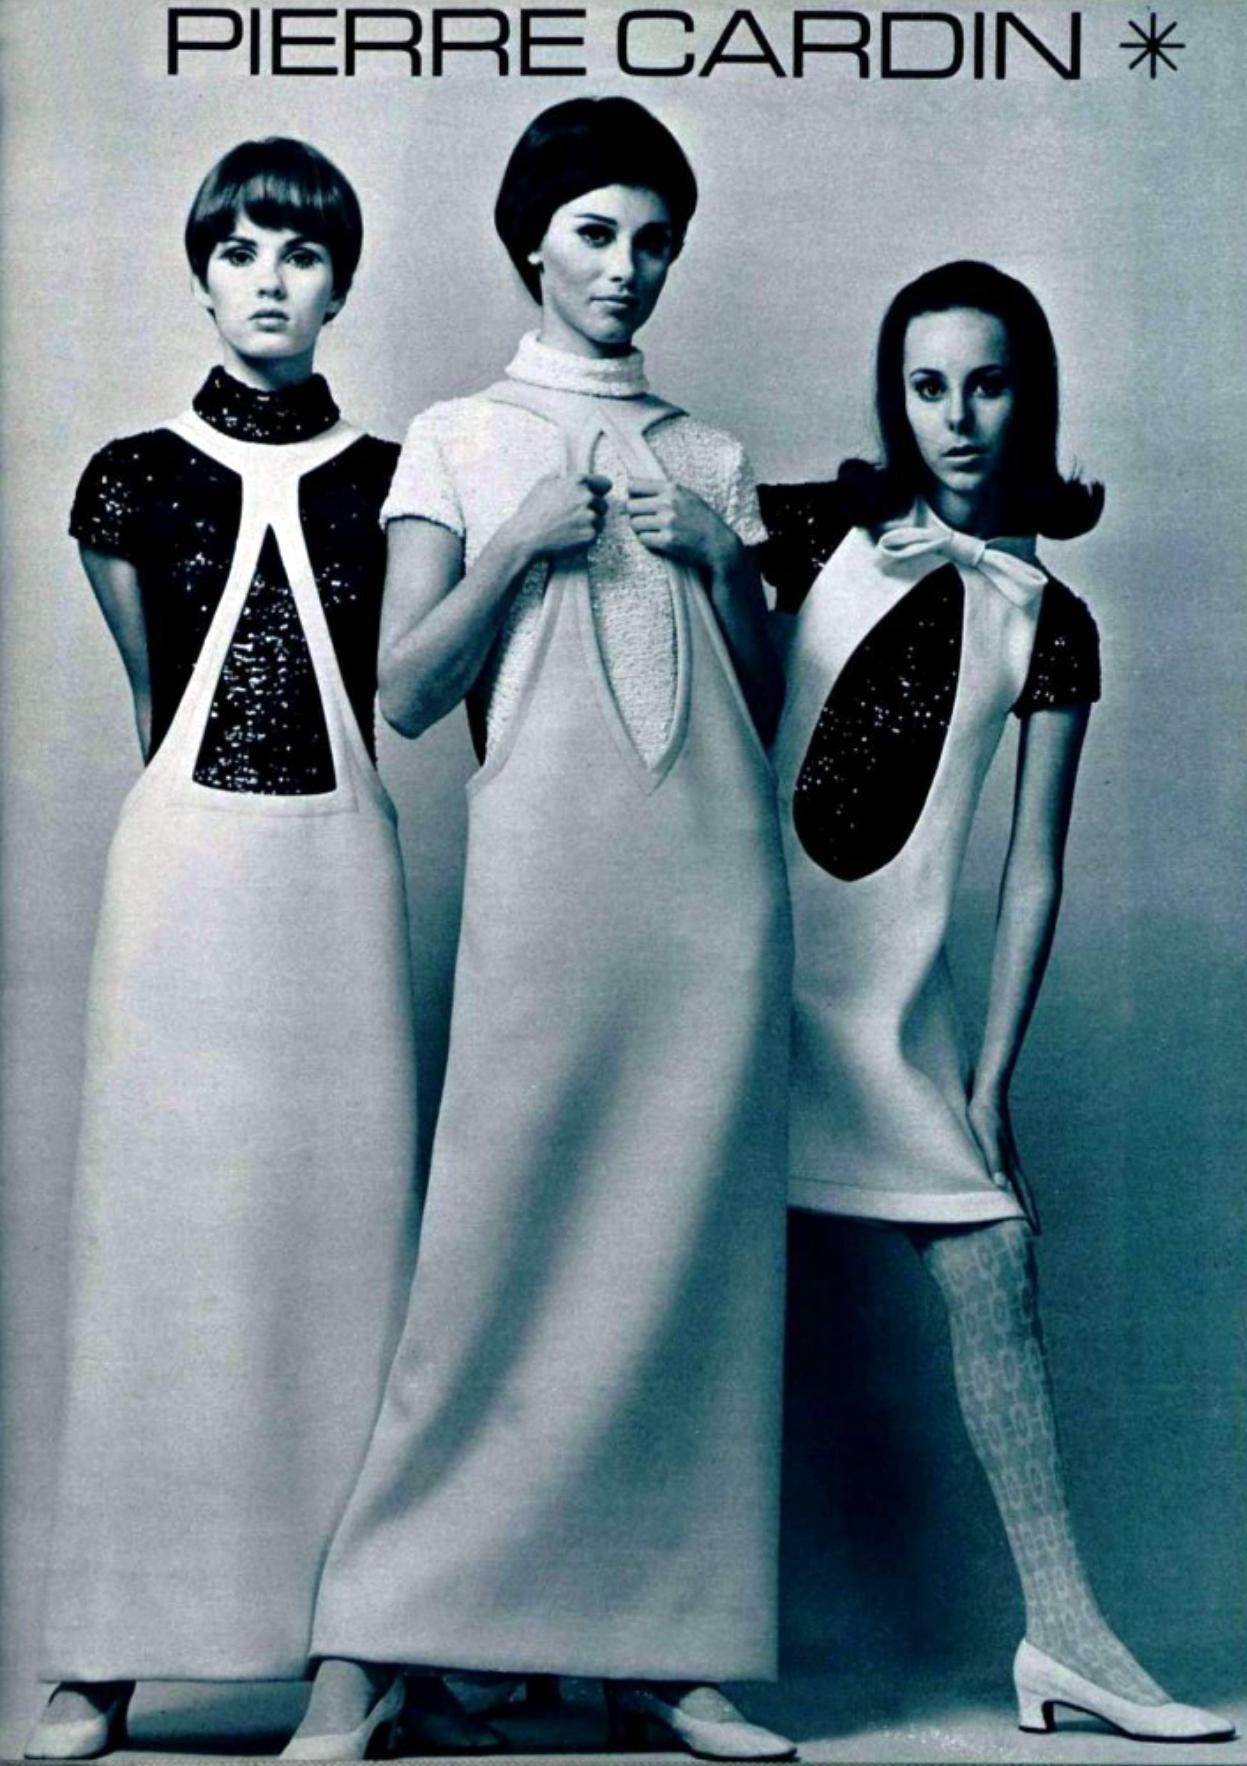 Pierre Cardin Ad 1960s Retro Fashion Vintage Vintage